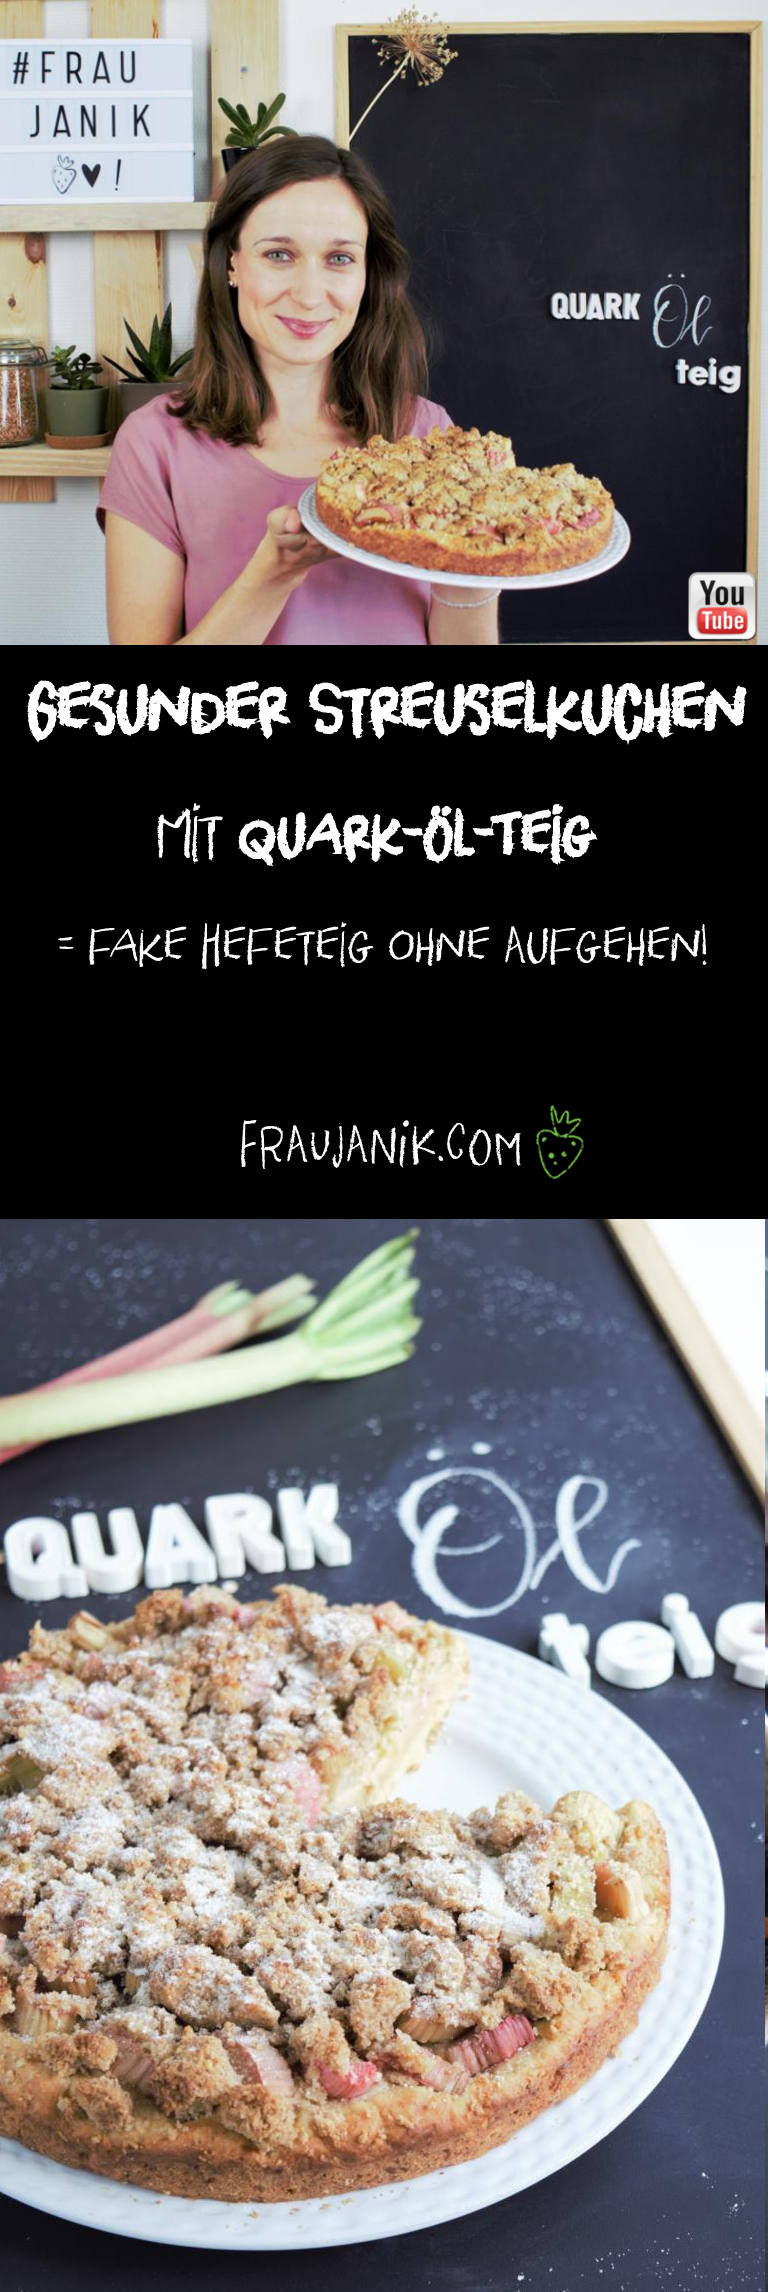 gesunder Streuselkuchen Quark-öl-teig